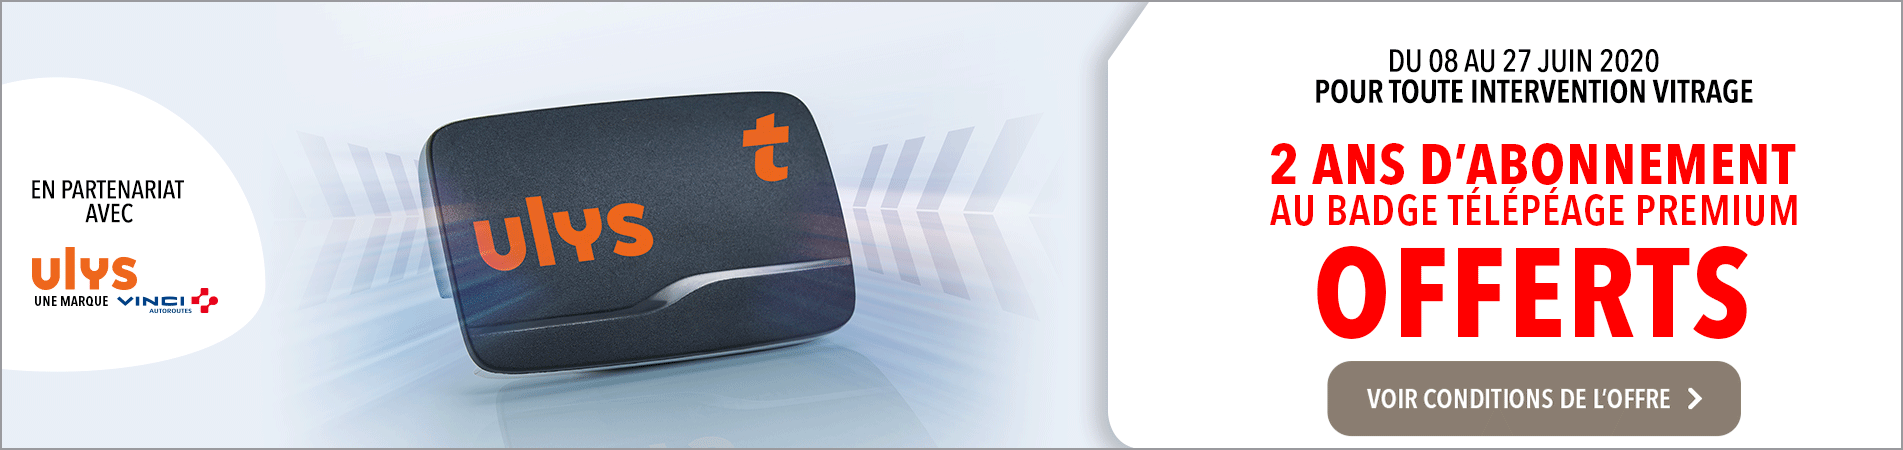 carglass® vous offre 2 ans d'abonnement au badge télépéage